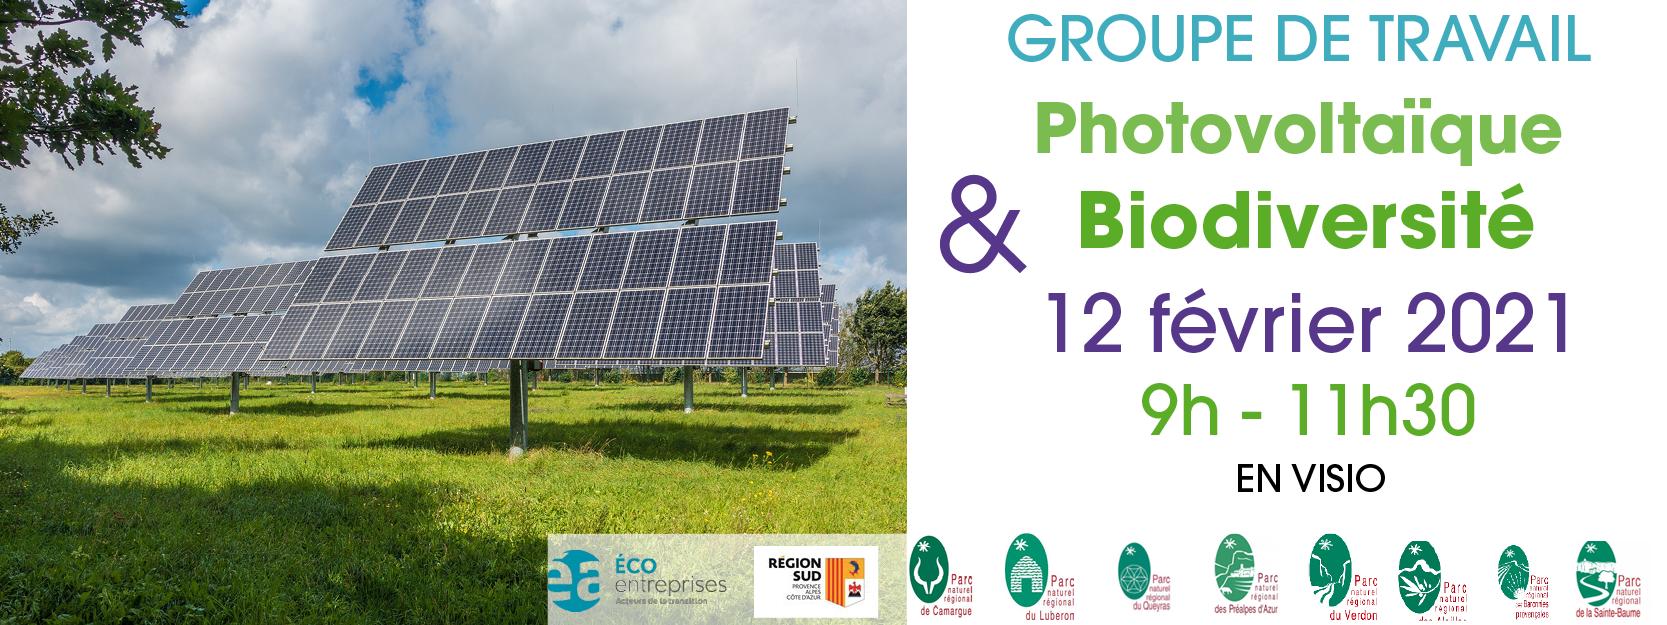 GT Photovoltaïque et Biodiversité